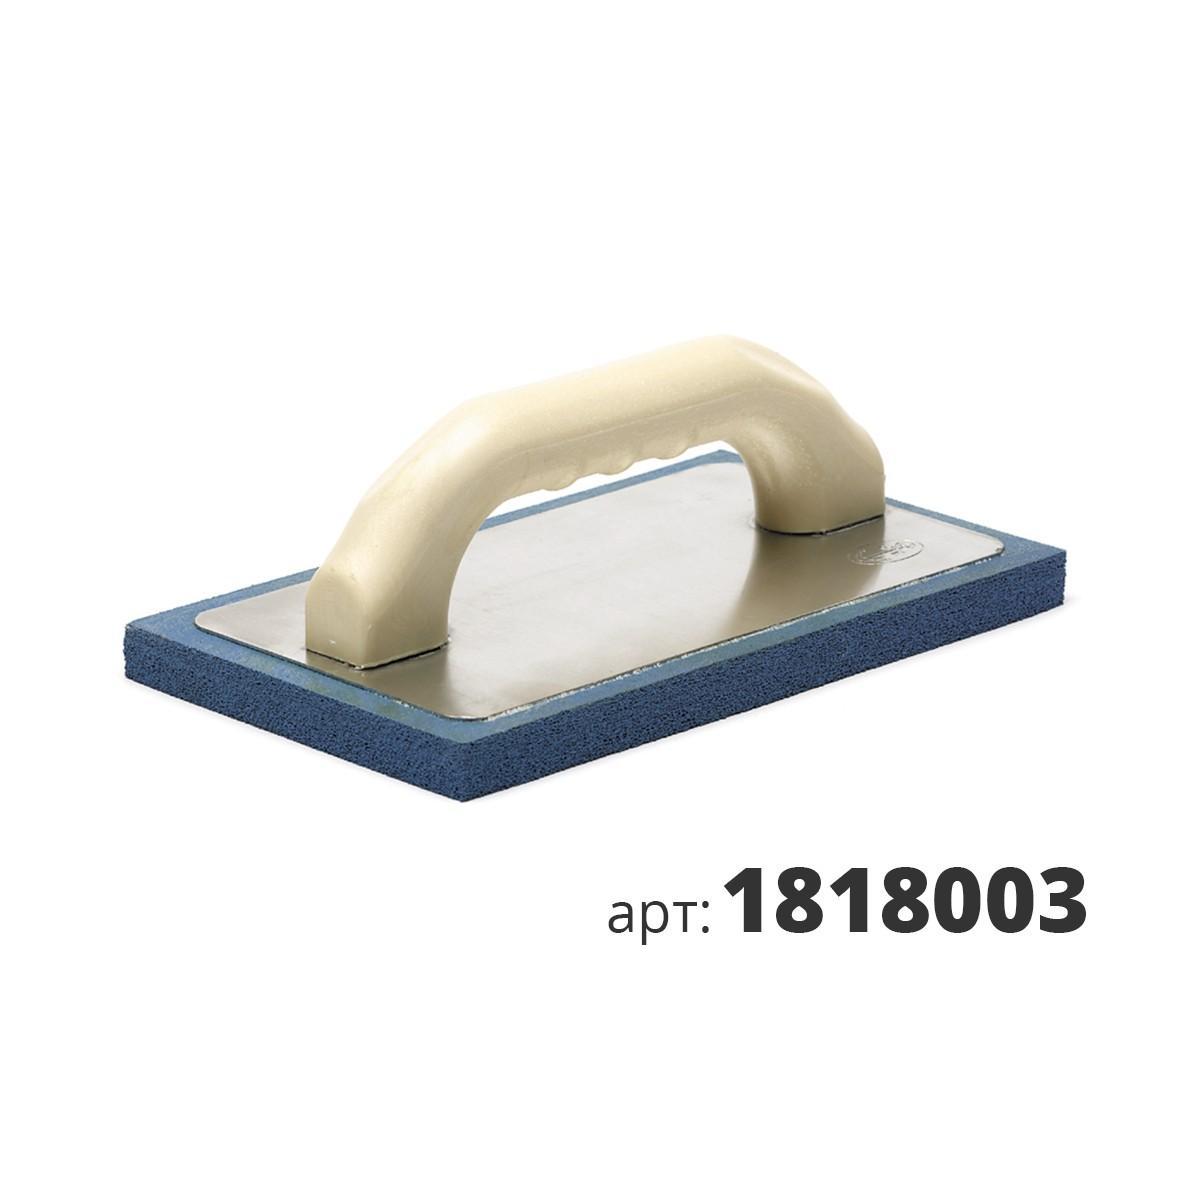 PAVAN кельма пластиковая с подошвой из прорезиненой губки 1818003